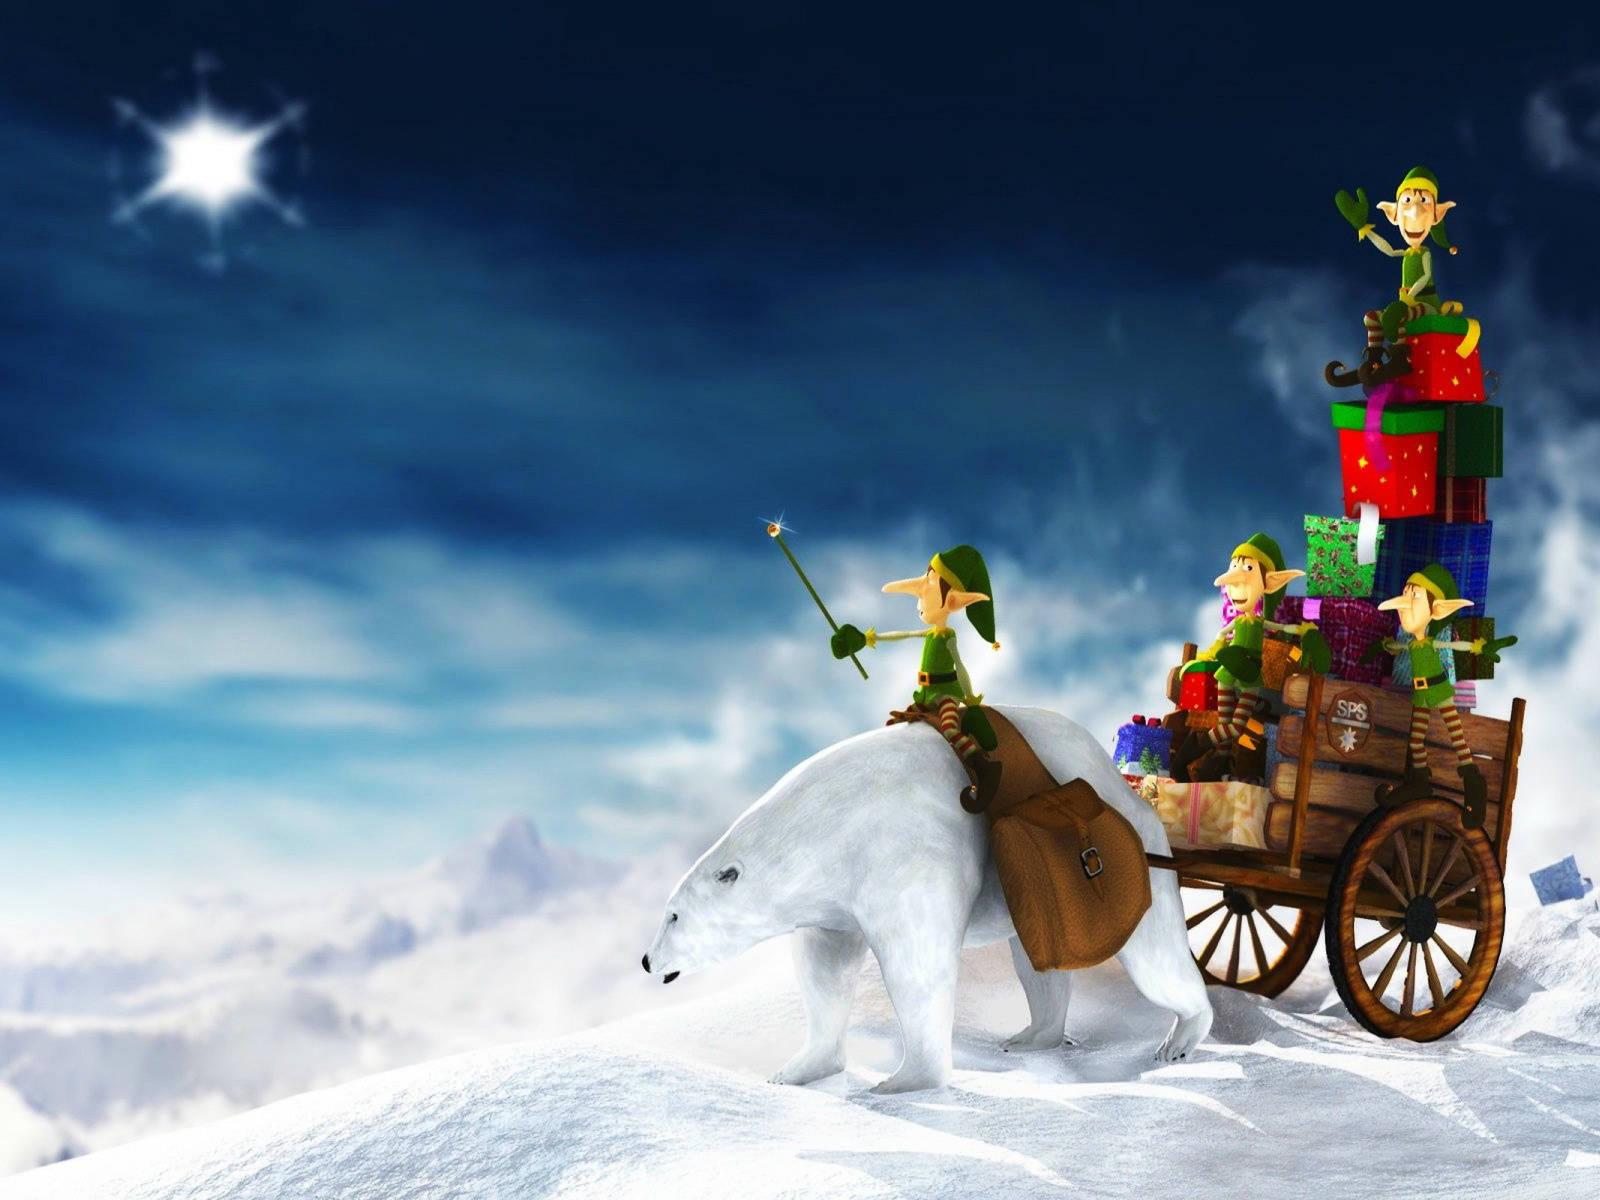 Animated Christmas Wallpapers Animated Desktop Christmas Wallpaper 1600x1200